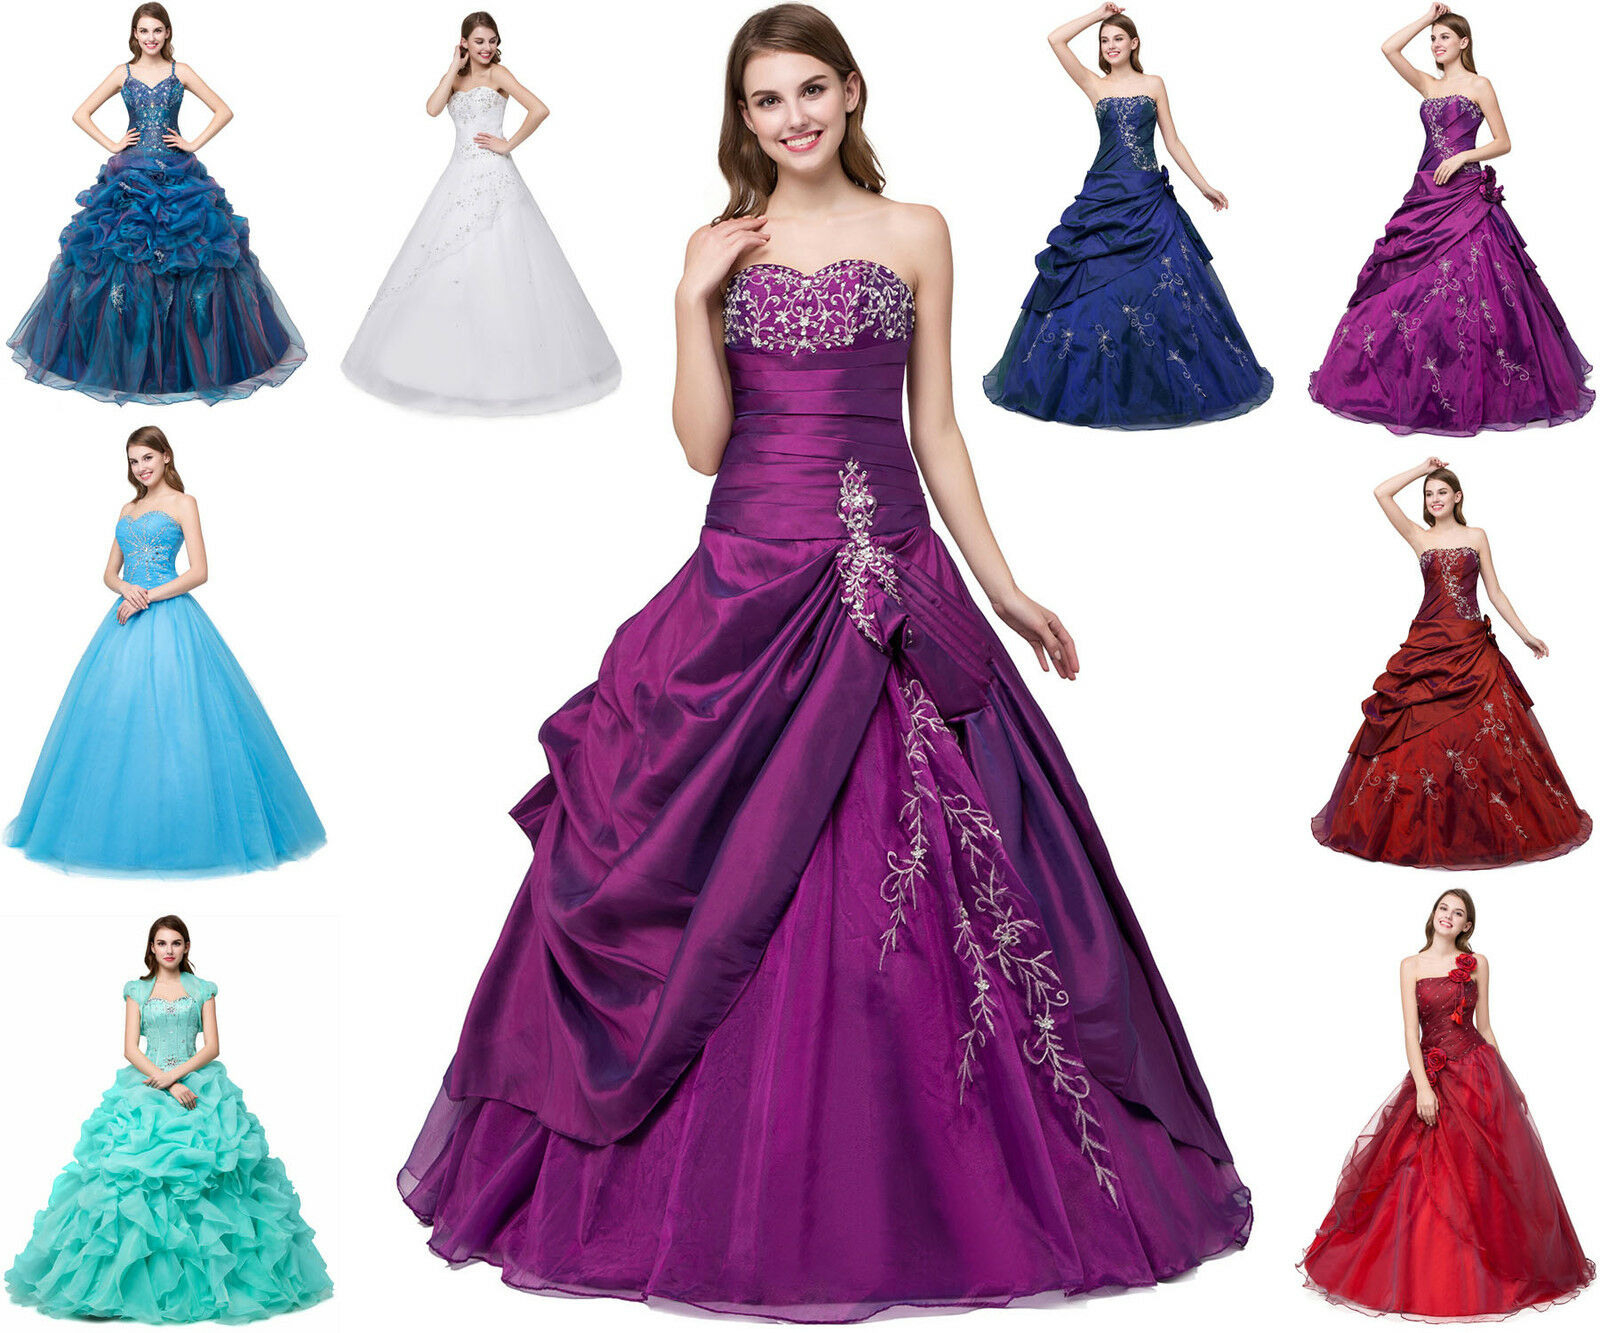 Abend Schön Abendkleid Lang 34 SpezialgebietDesigner Luxus Abendkleid Lang 34 Boutique